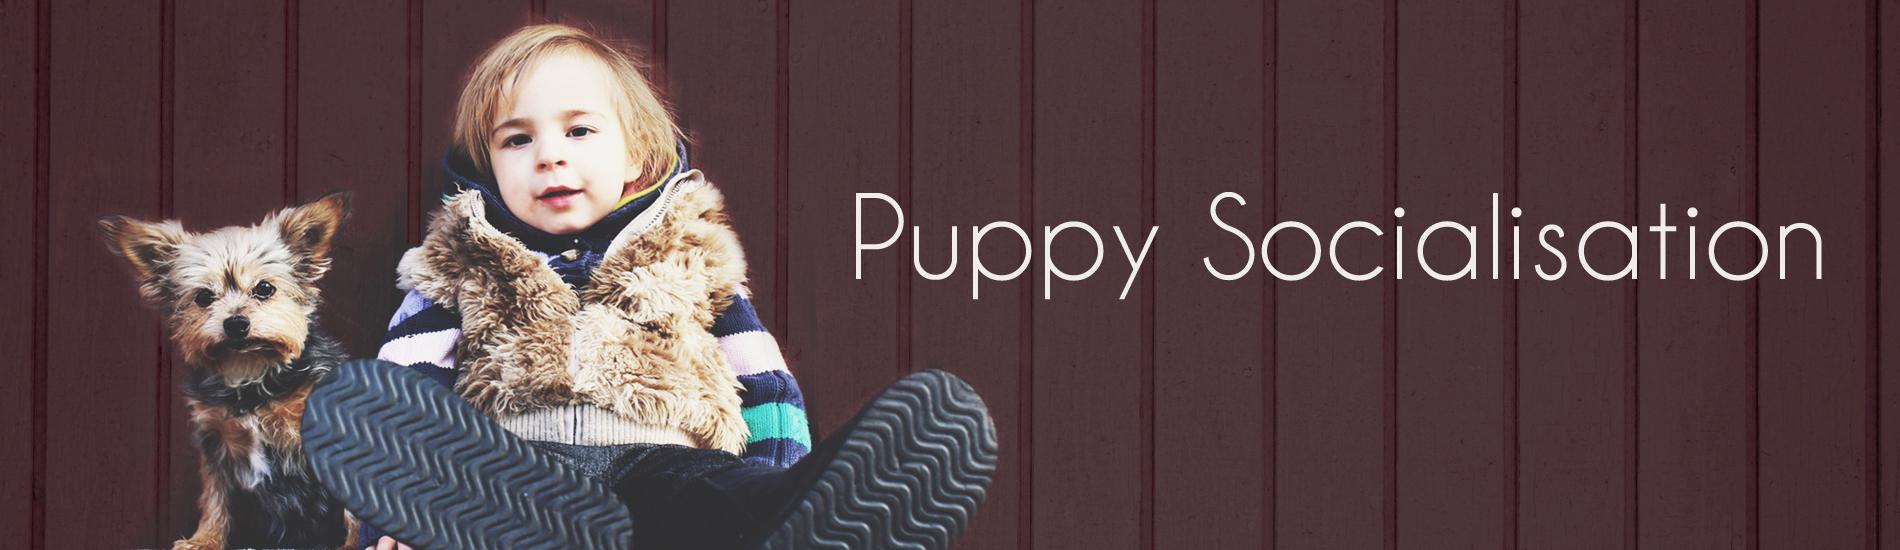 Puppy Socialisation slider